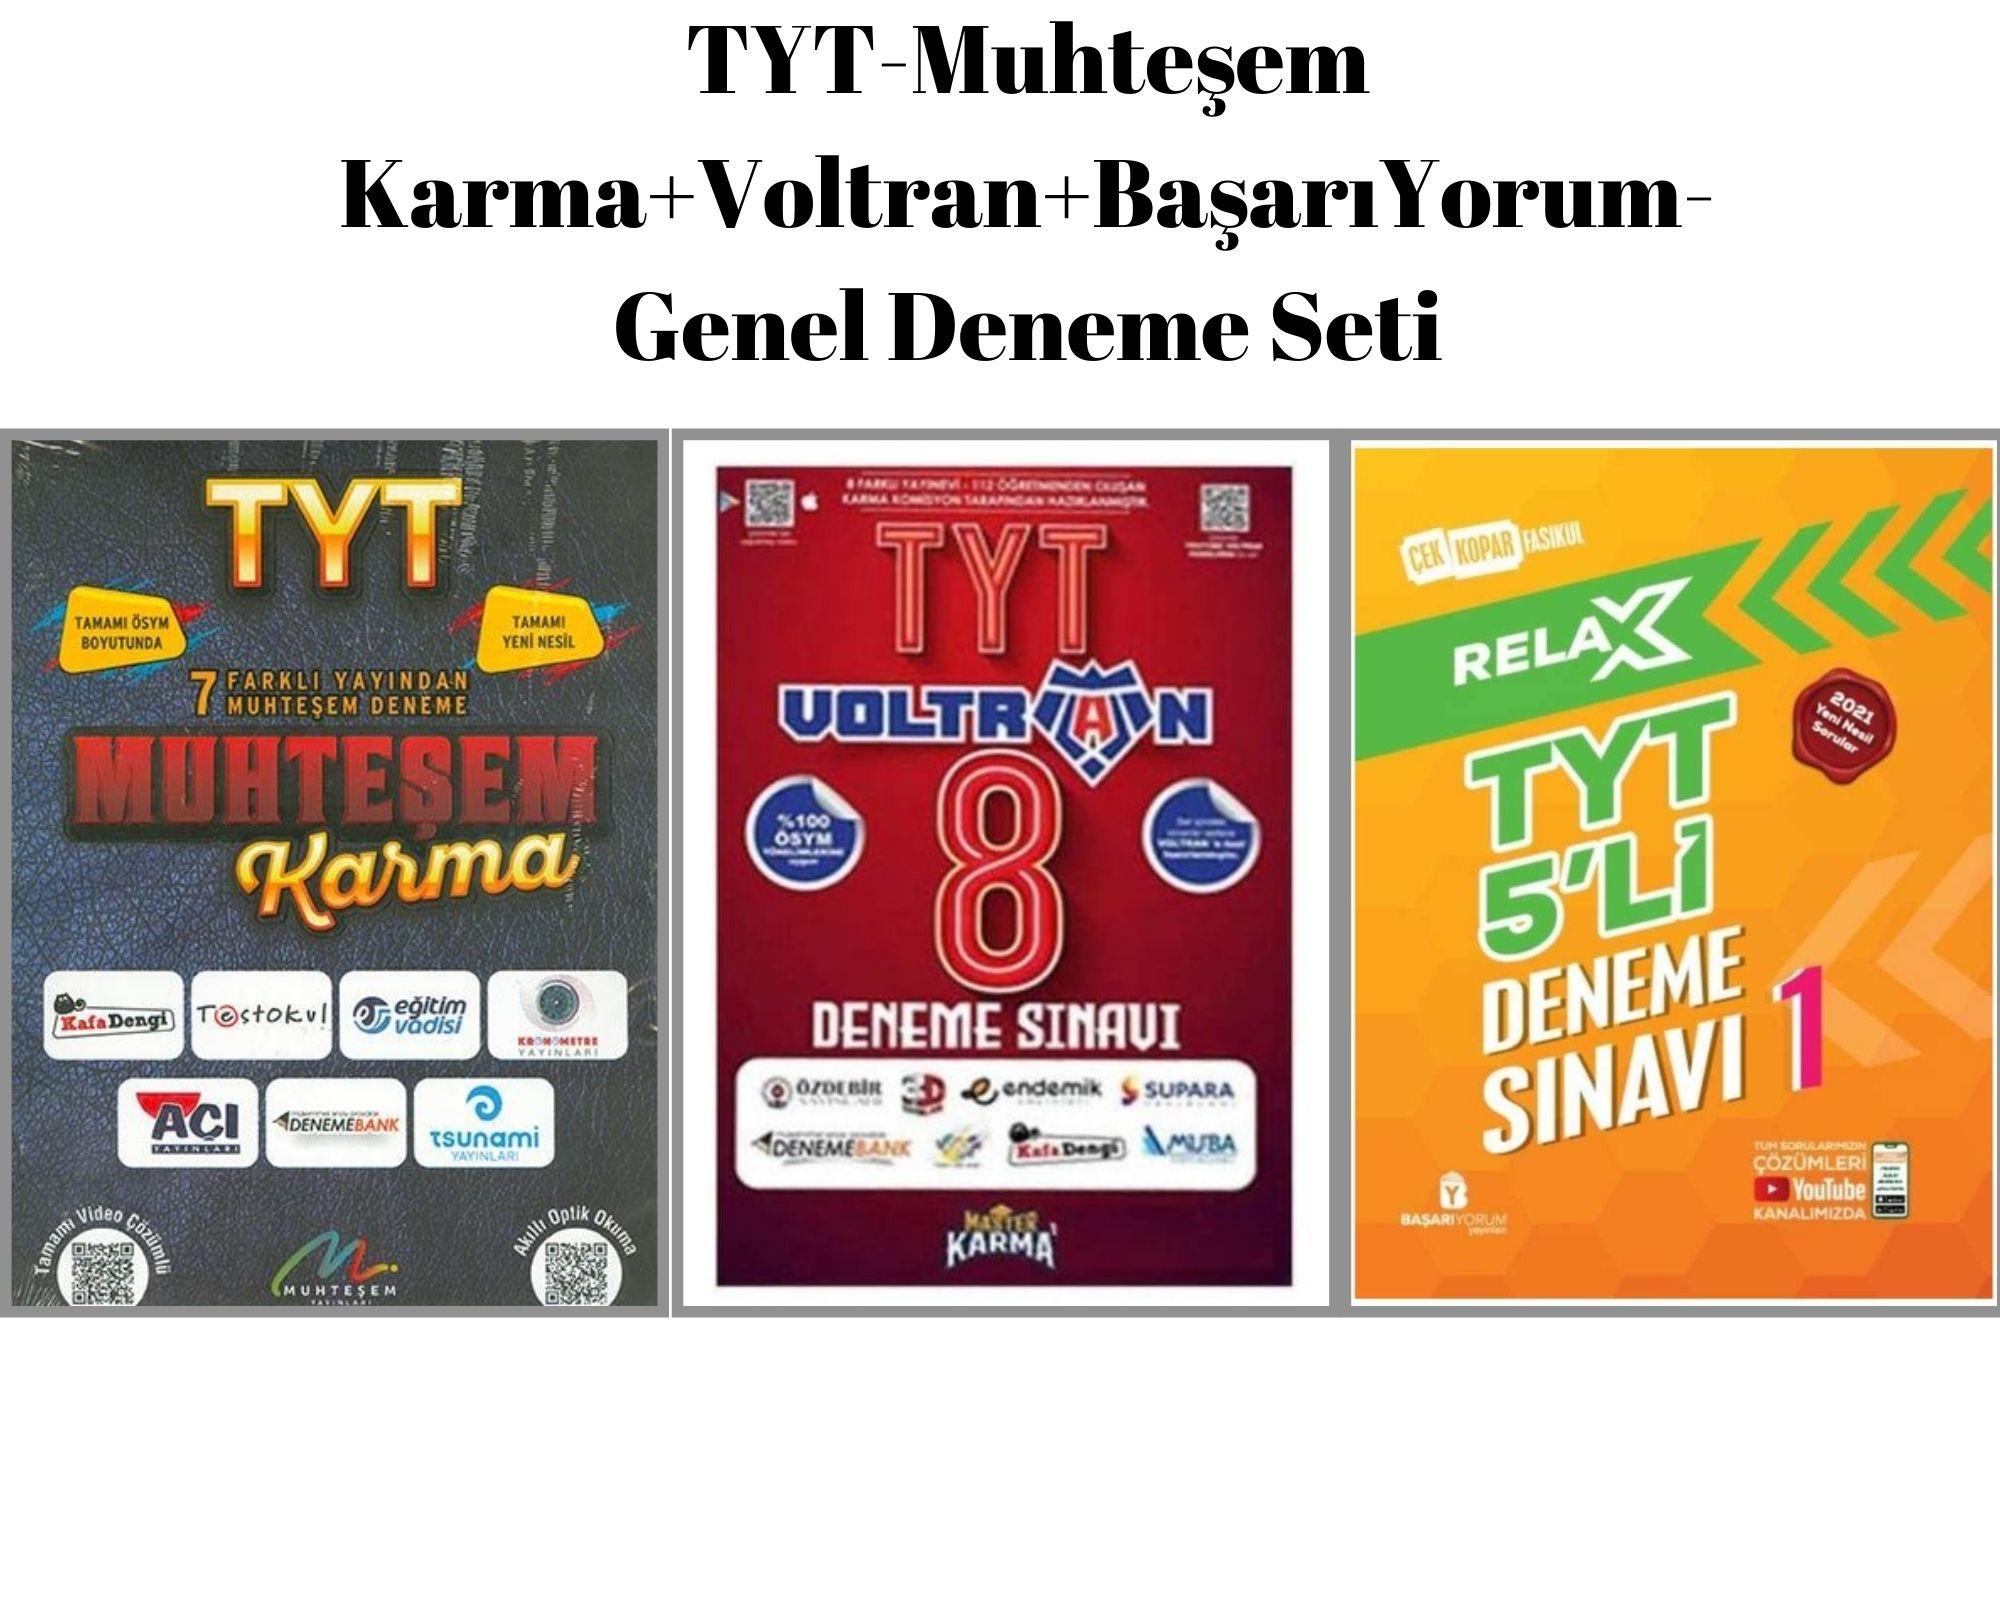 TYT-Muhteşem Karma+Voltran+BaşarıYorum- Genel Deneme Seti